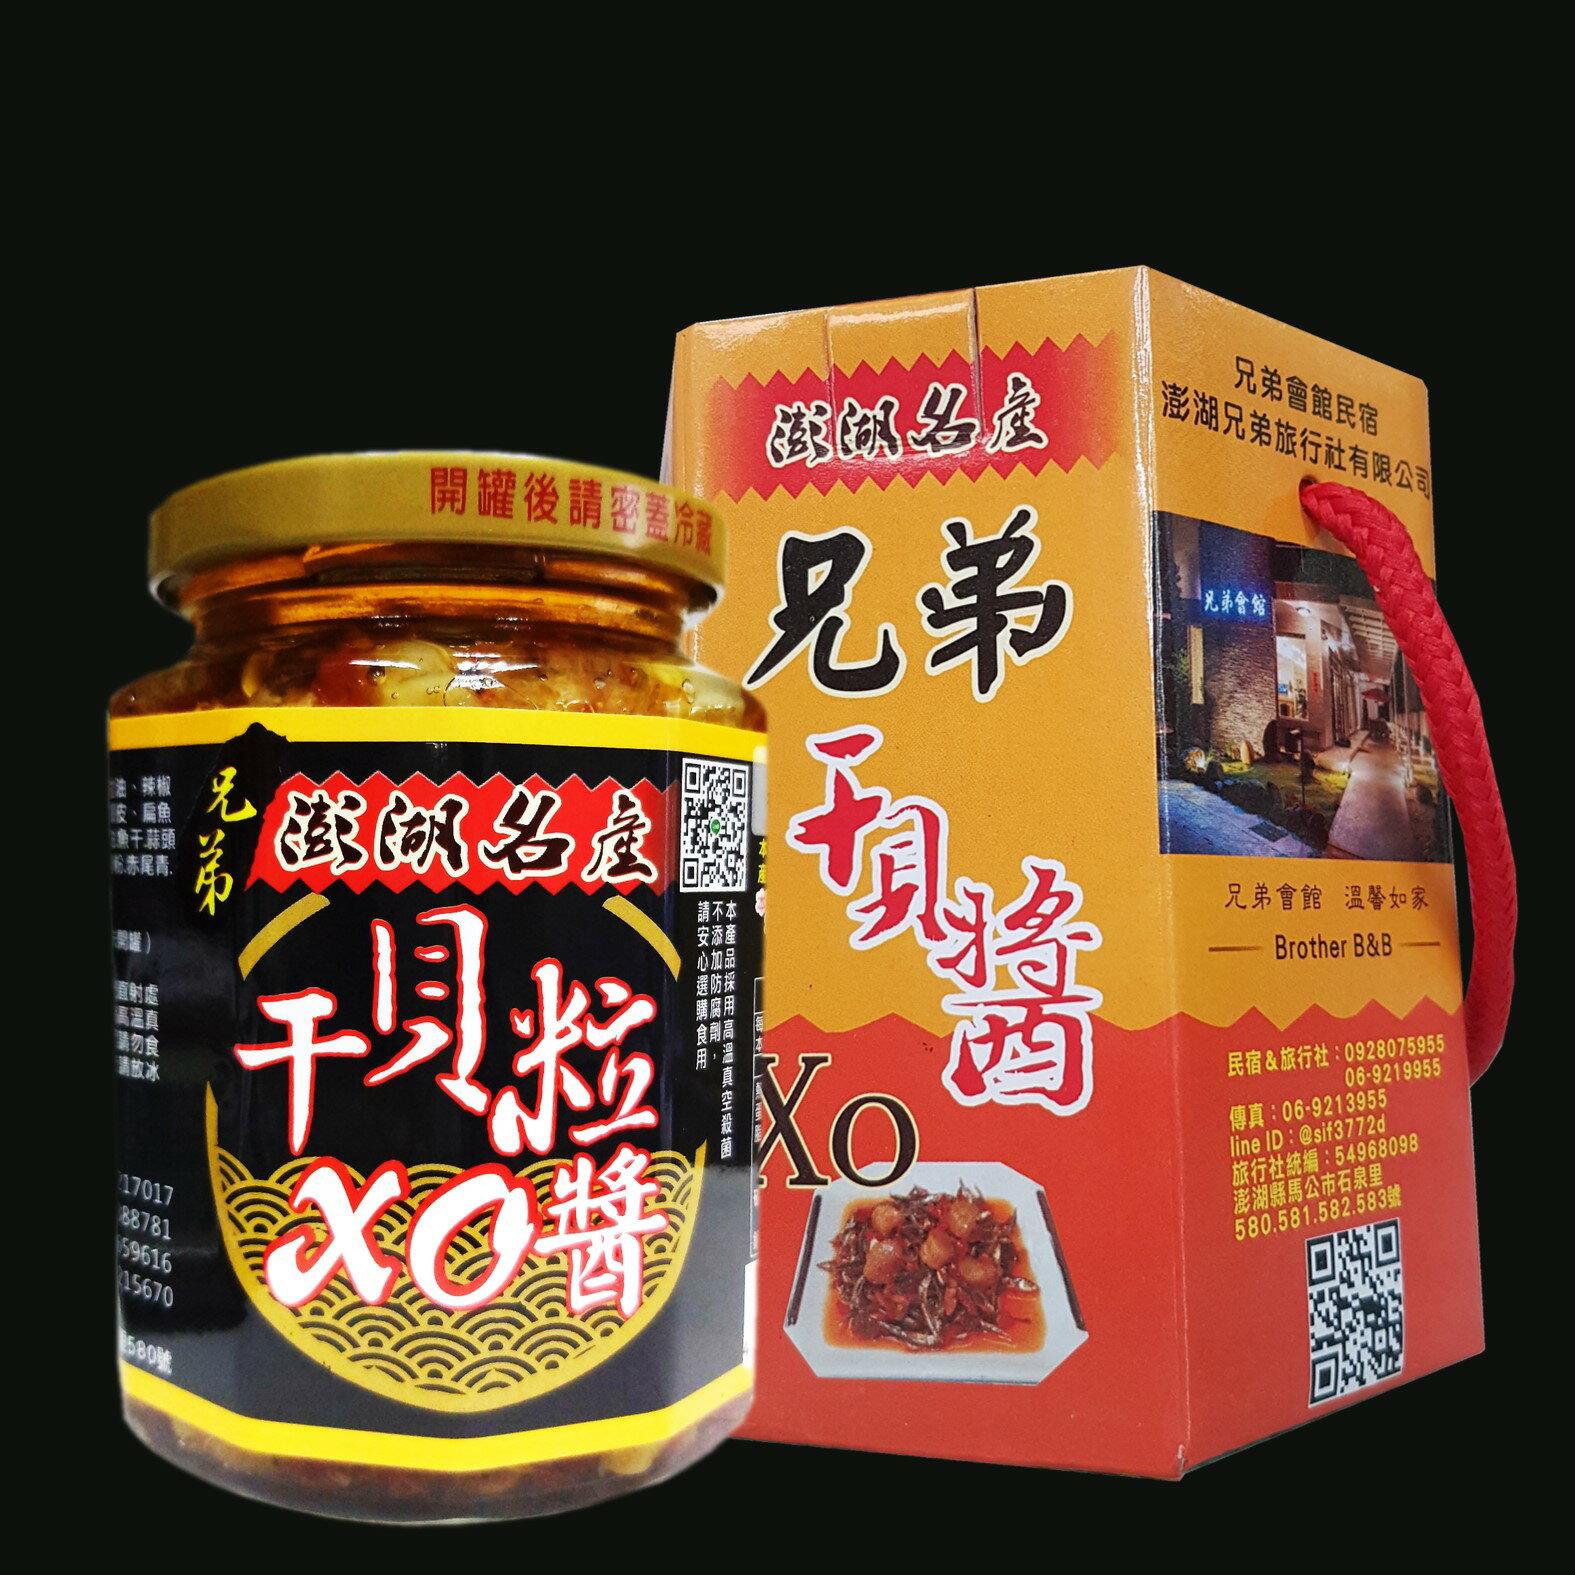 兄弟頂級XO干貝醬(全干貝) 澎湖名產 450g/罐 【睿選好味】